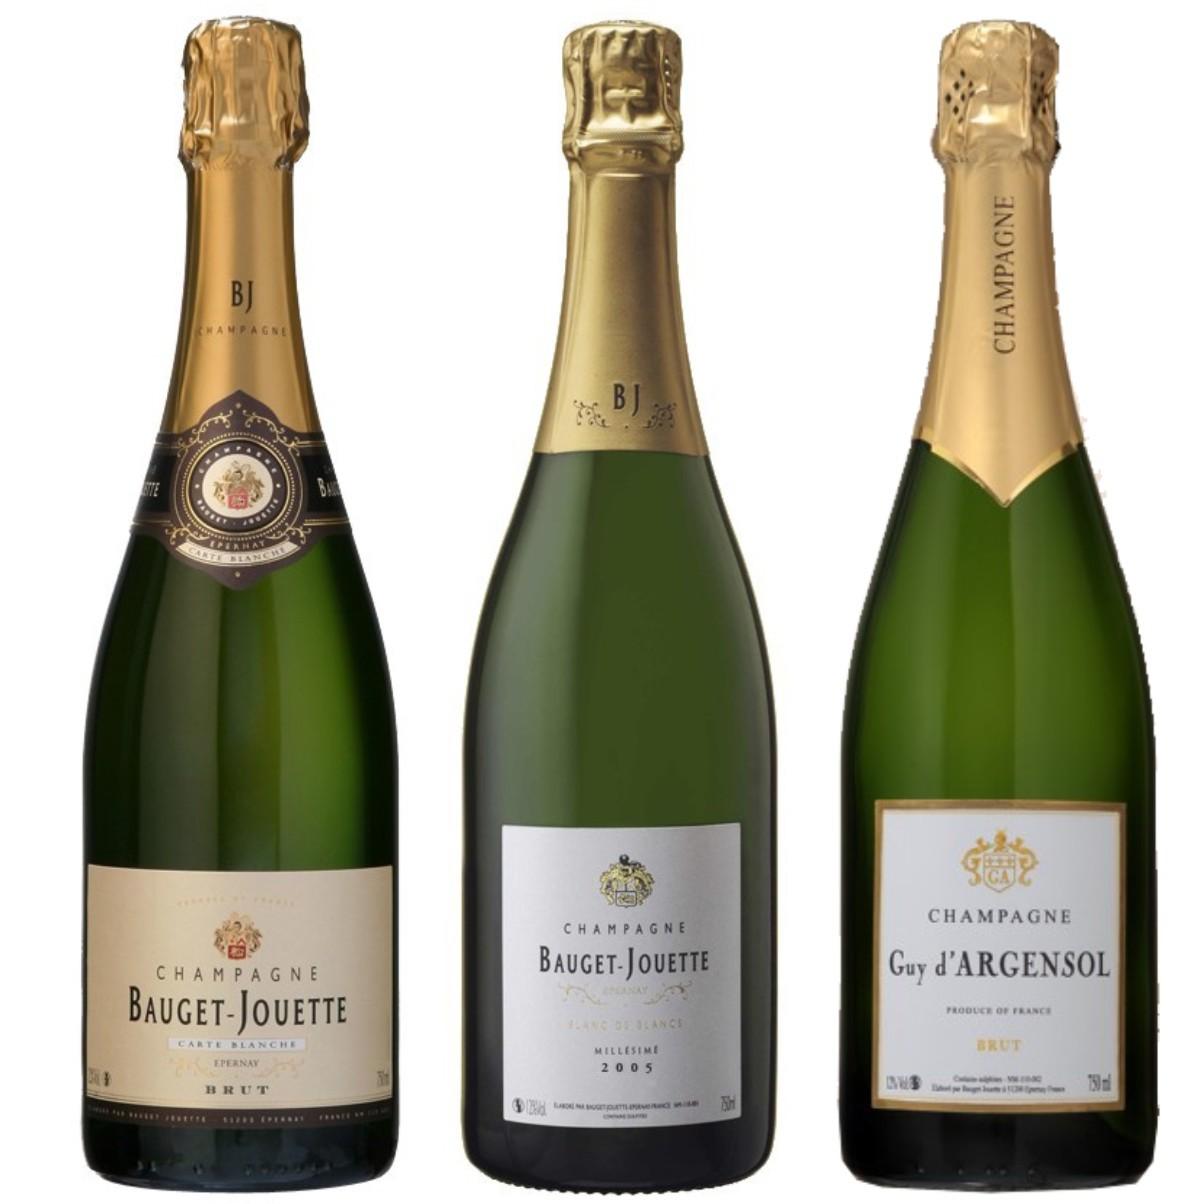 Sada 3 Champagne - Bauget Jouete